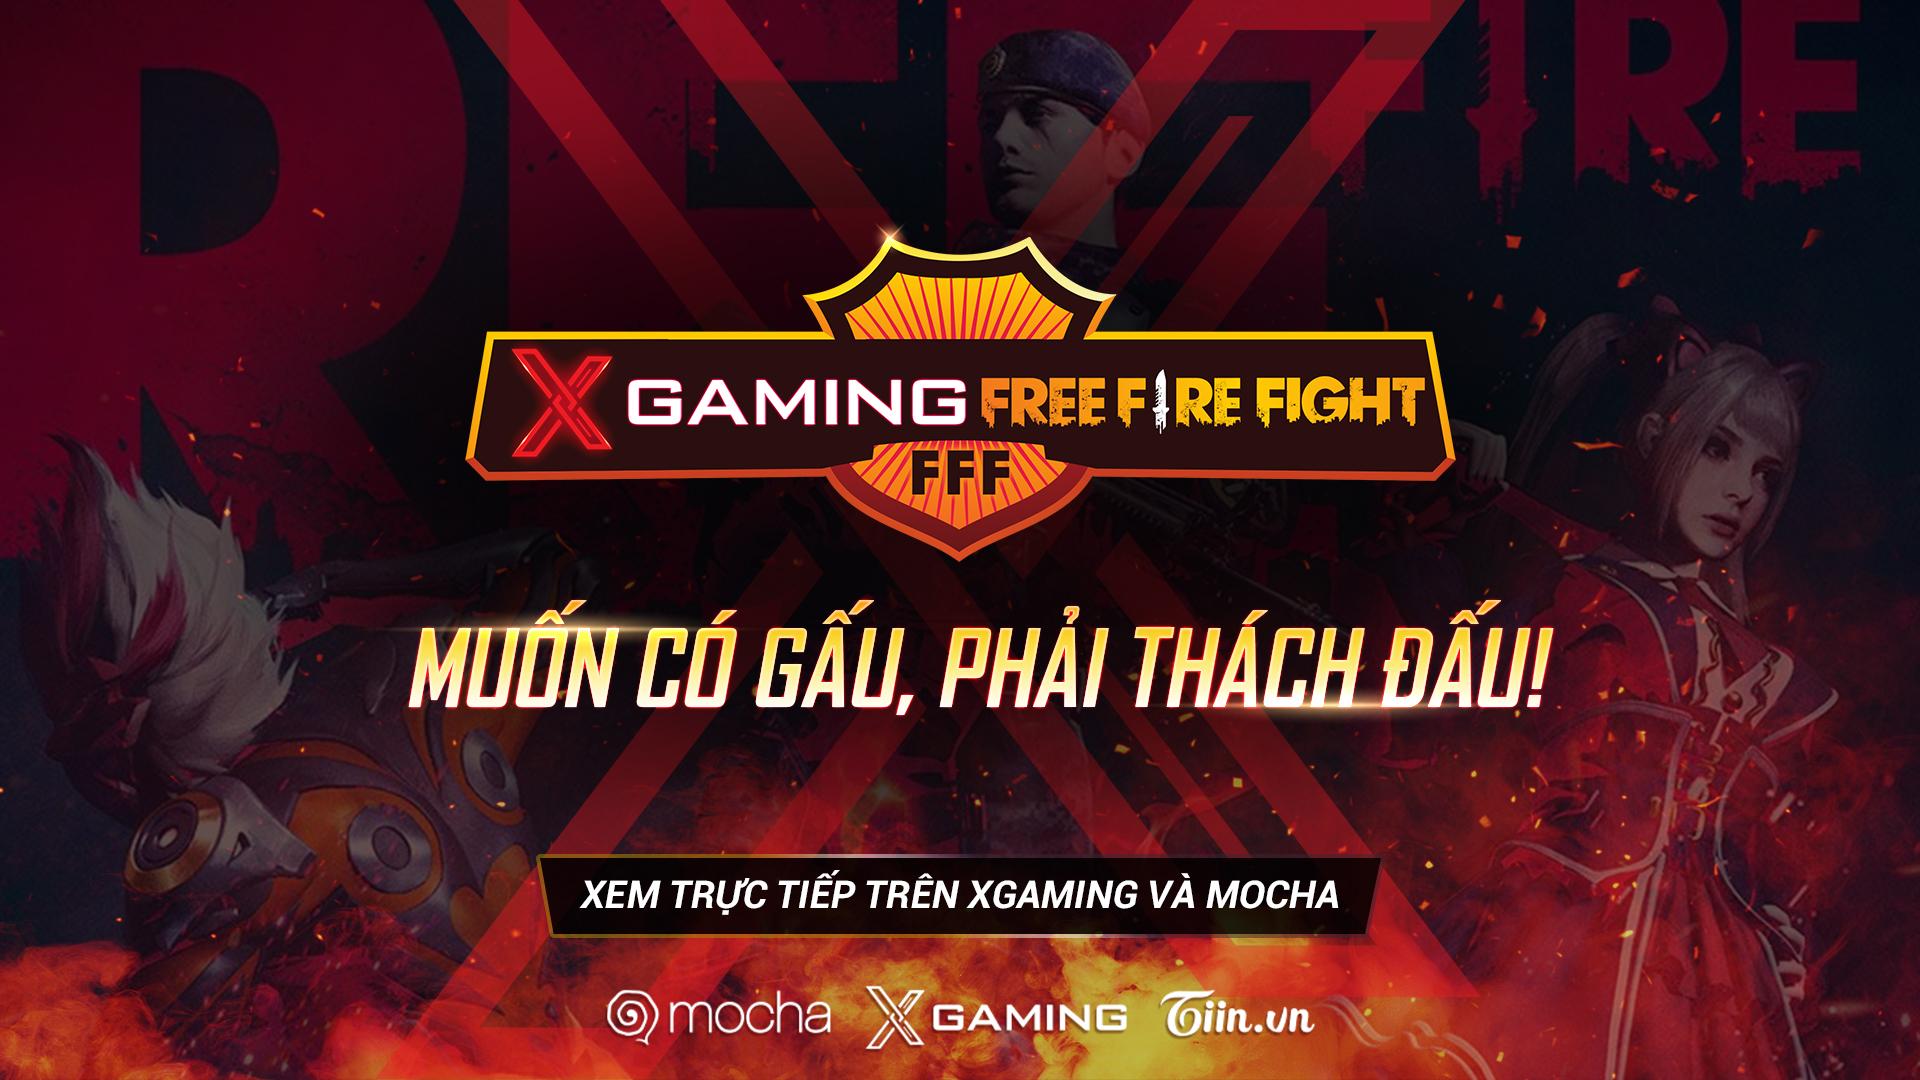 Đăng ký tham gia ngay mùa giải Xgaming Free Fire Fight để có 'gấu' cùng Gao Bạc TV 0